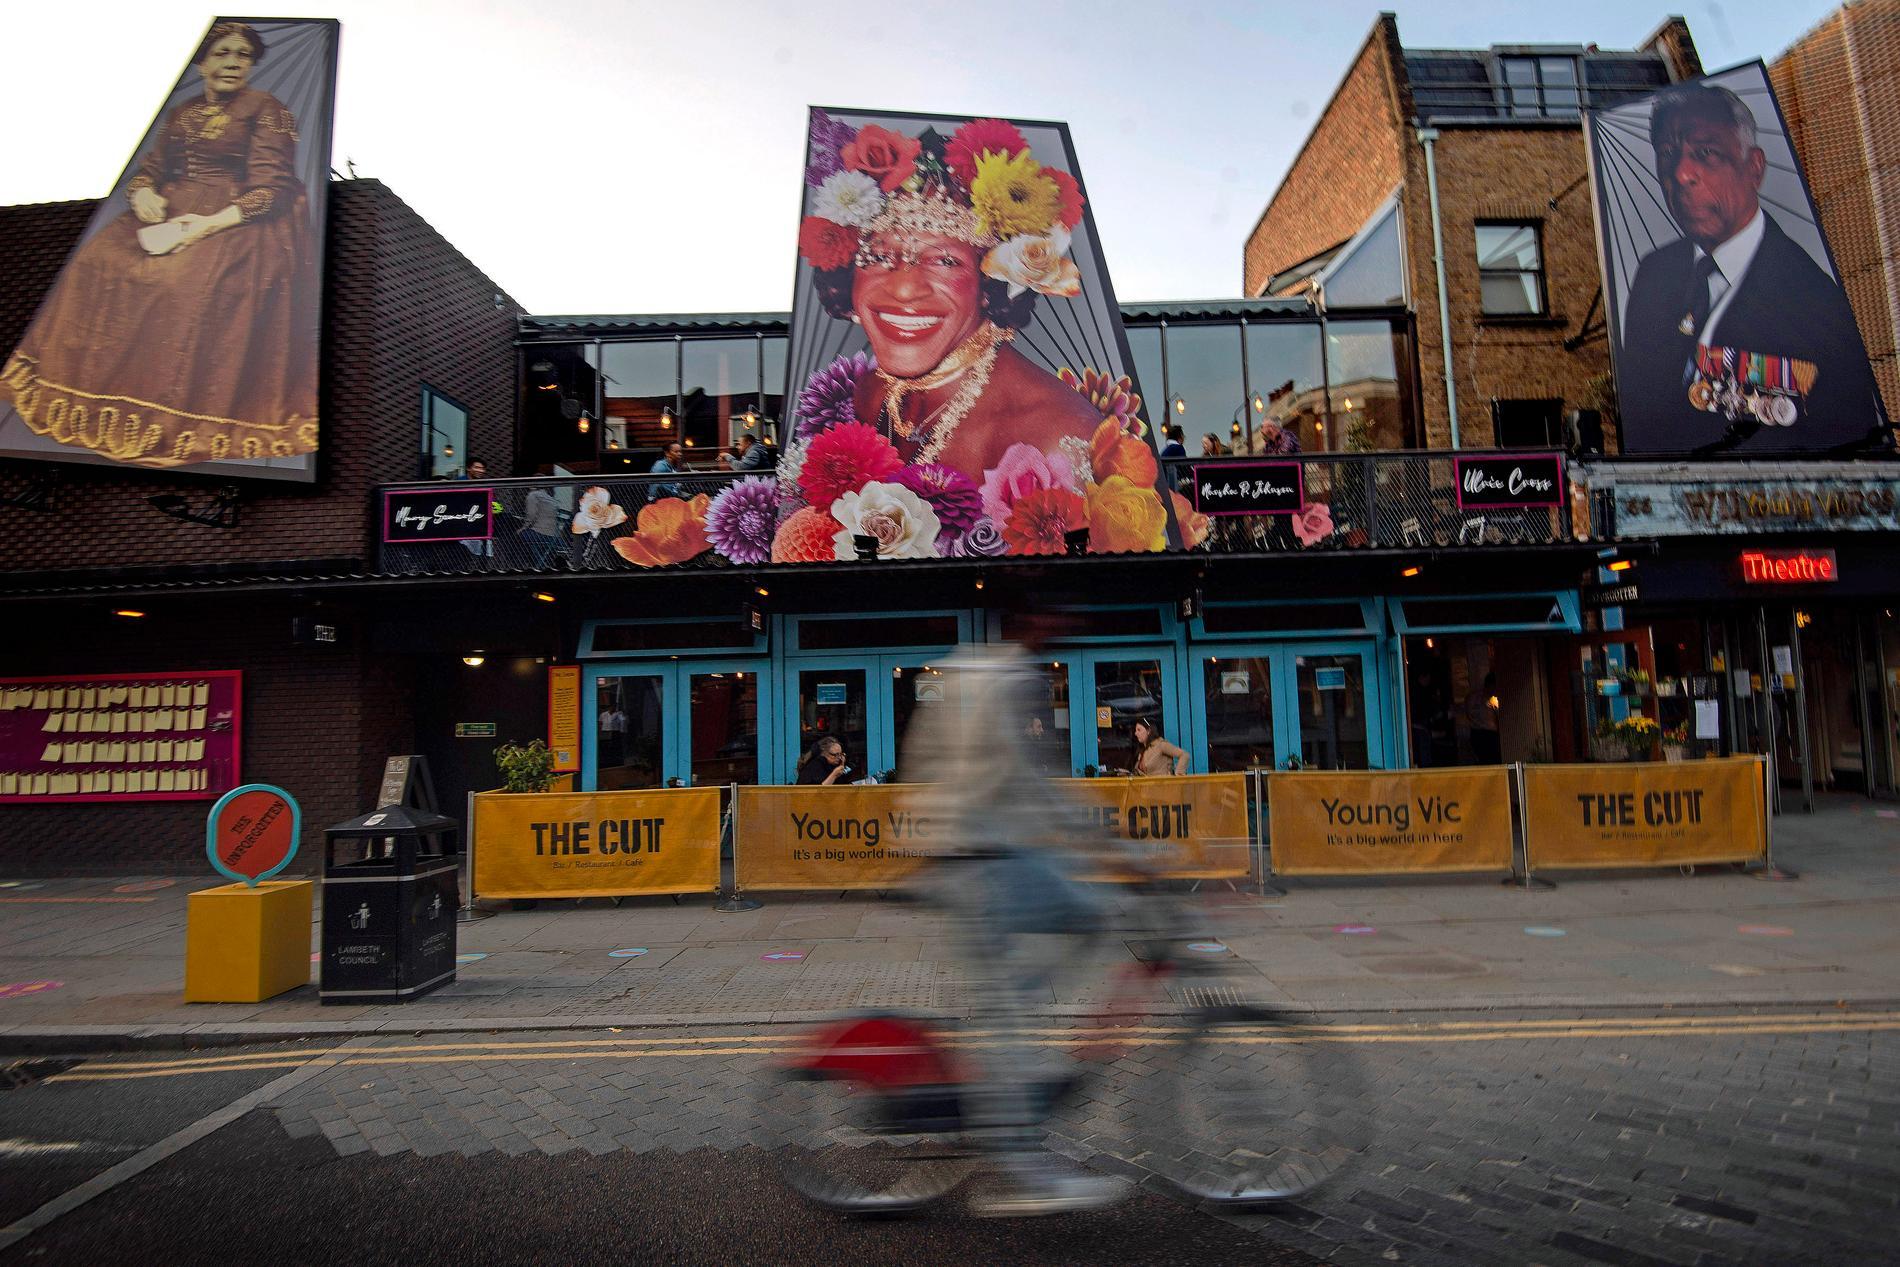 """I september firade The Young Vic theatre i London 50 år med bildinstallationen """"The Unforgotten"""". Porträtten visar den brittisk-jamaicanska sjuksköterskan Mary Seacole, den amerikanska gayaktivisten Marsha P Johnson och den medaljbehängda krigspiloten Ulric Cross från Trinidad. Arkivbild."""